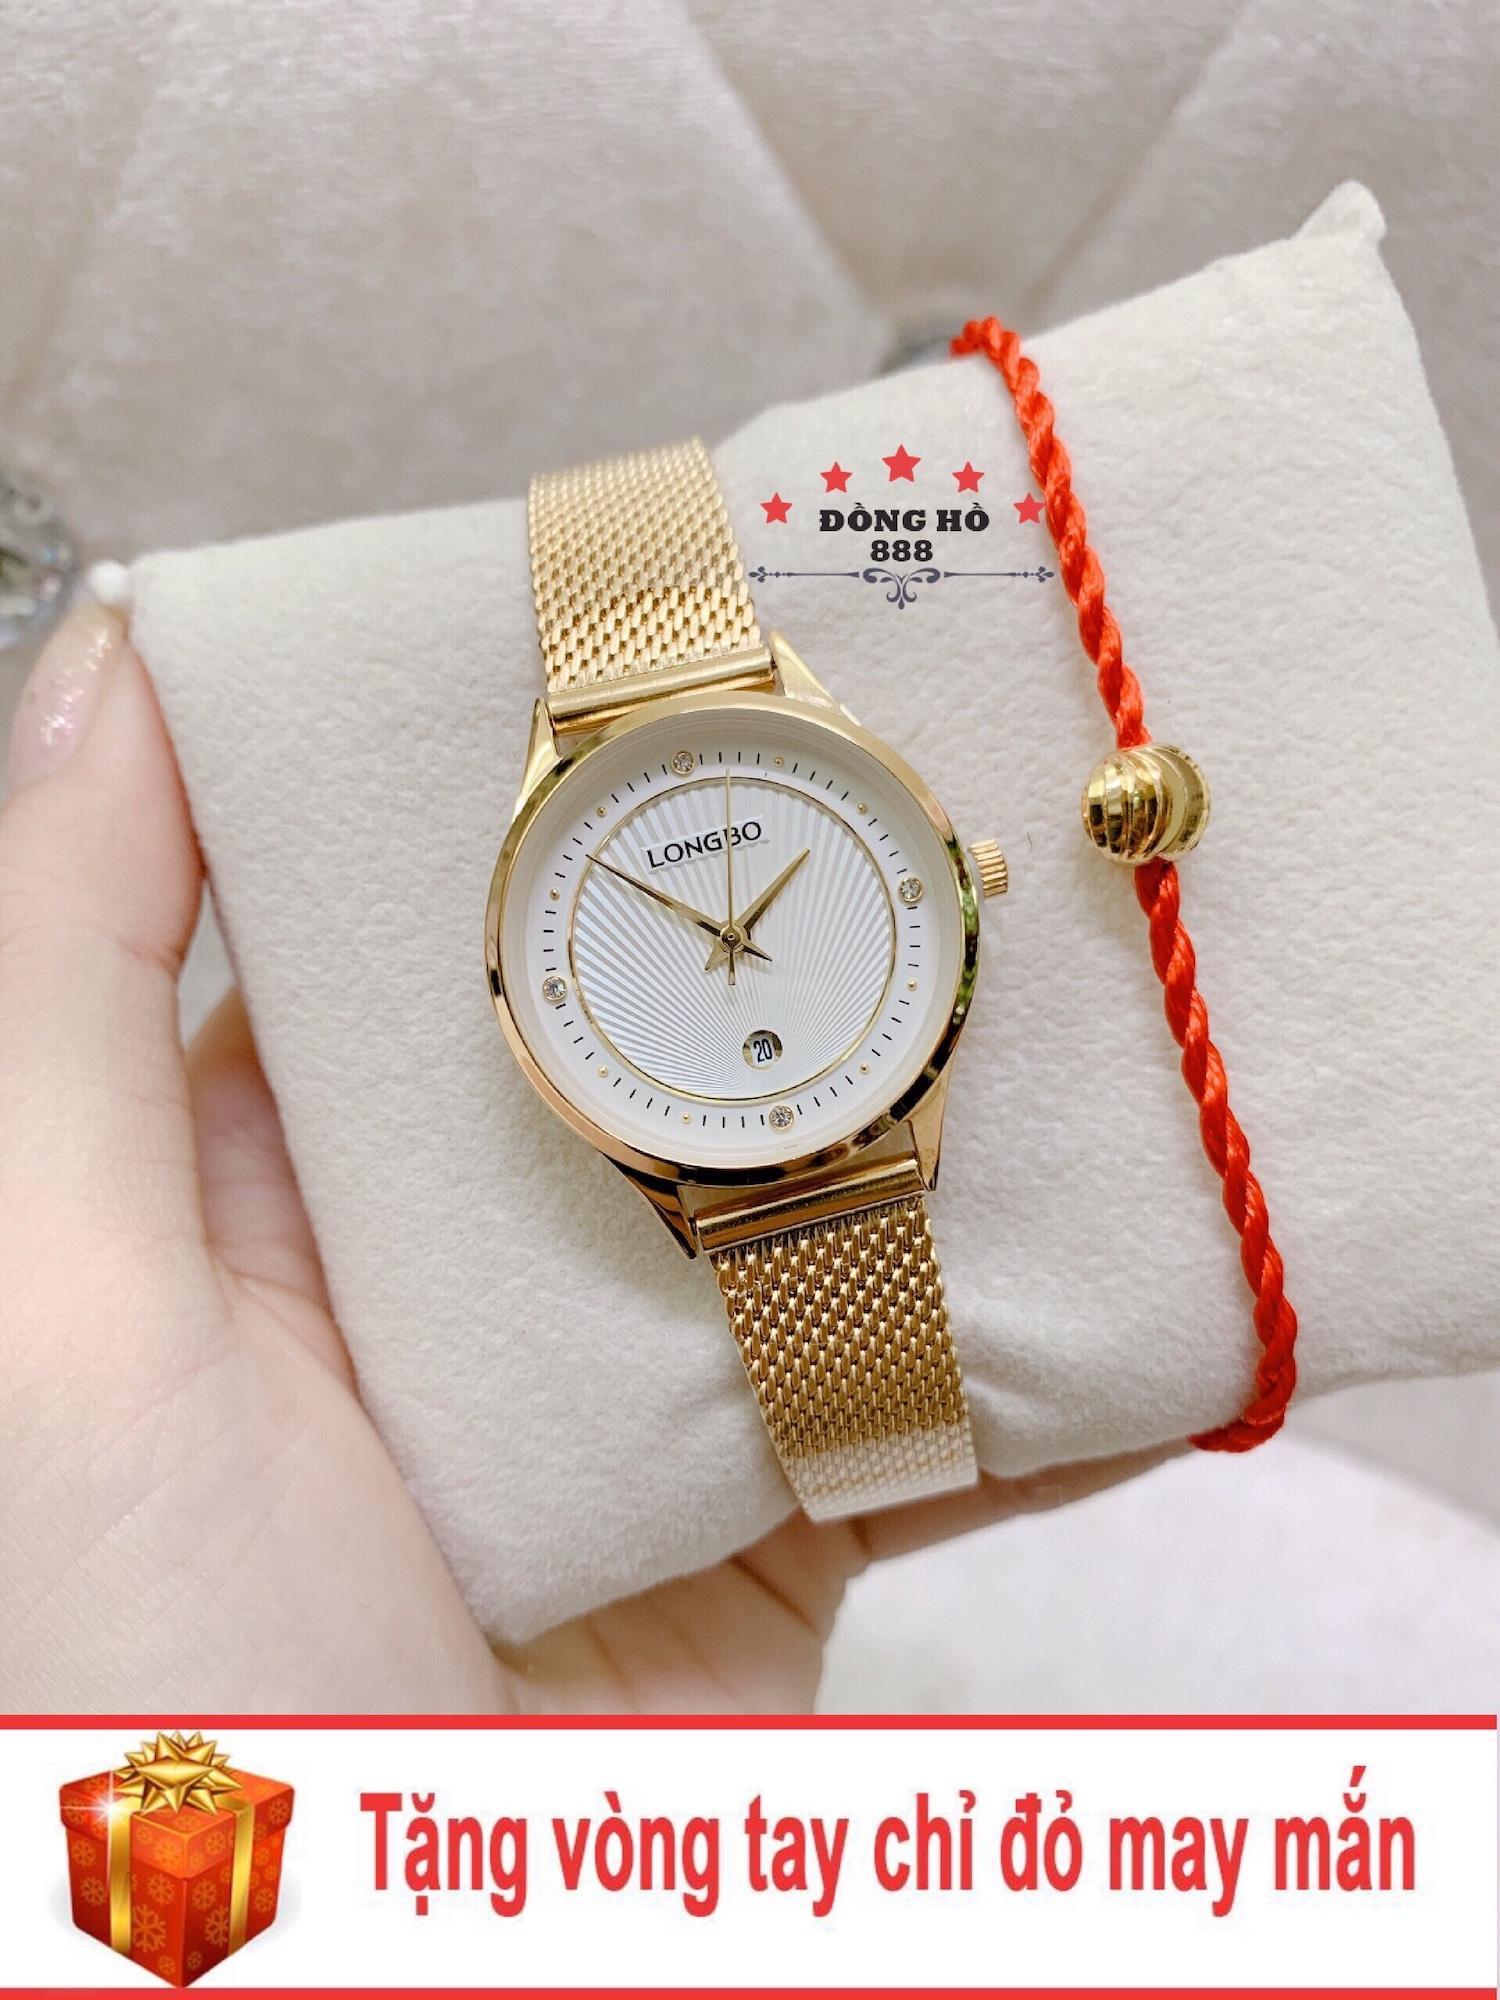 Đồng hồ nữ Longbo dây thép thời thượng có lịch ( LB5101 dây vàng mặt trắng ) - TẶNG 1 vòng tay chỉ đỏ may mắn bán chạy